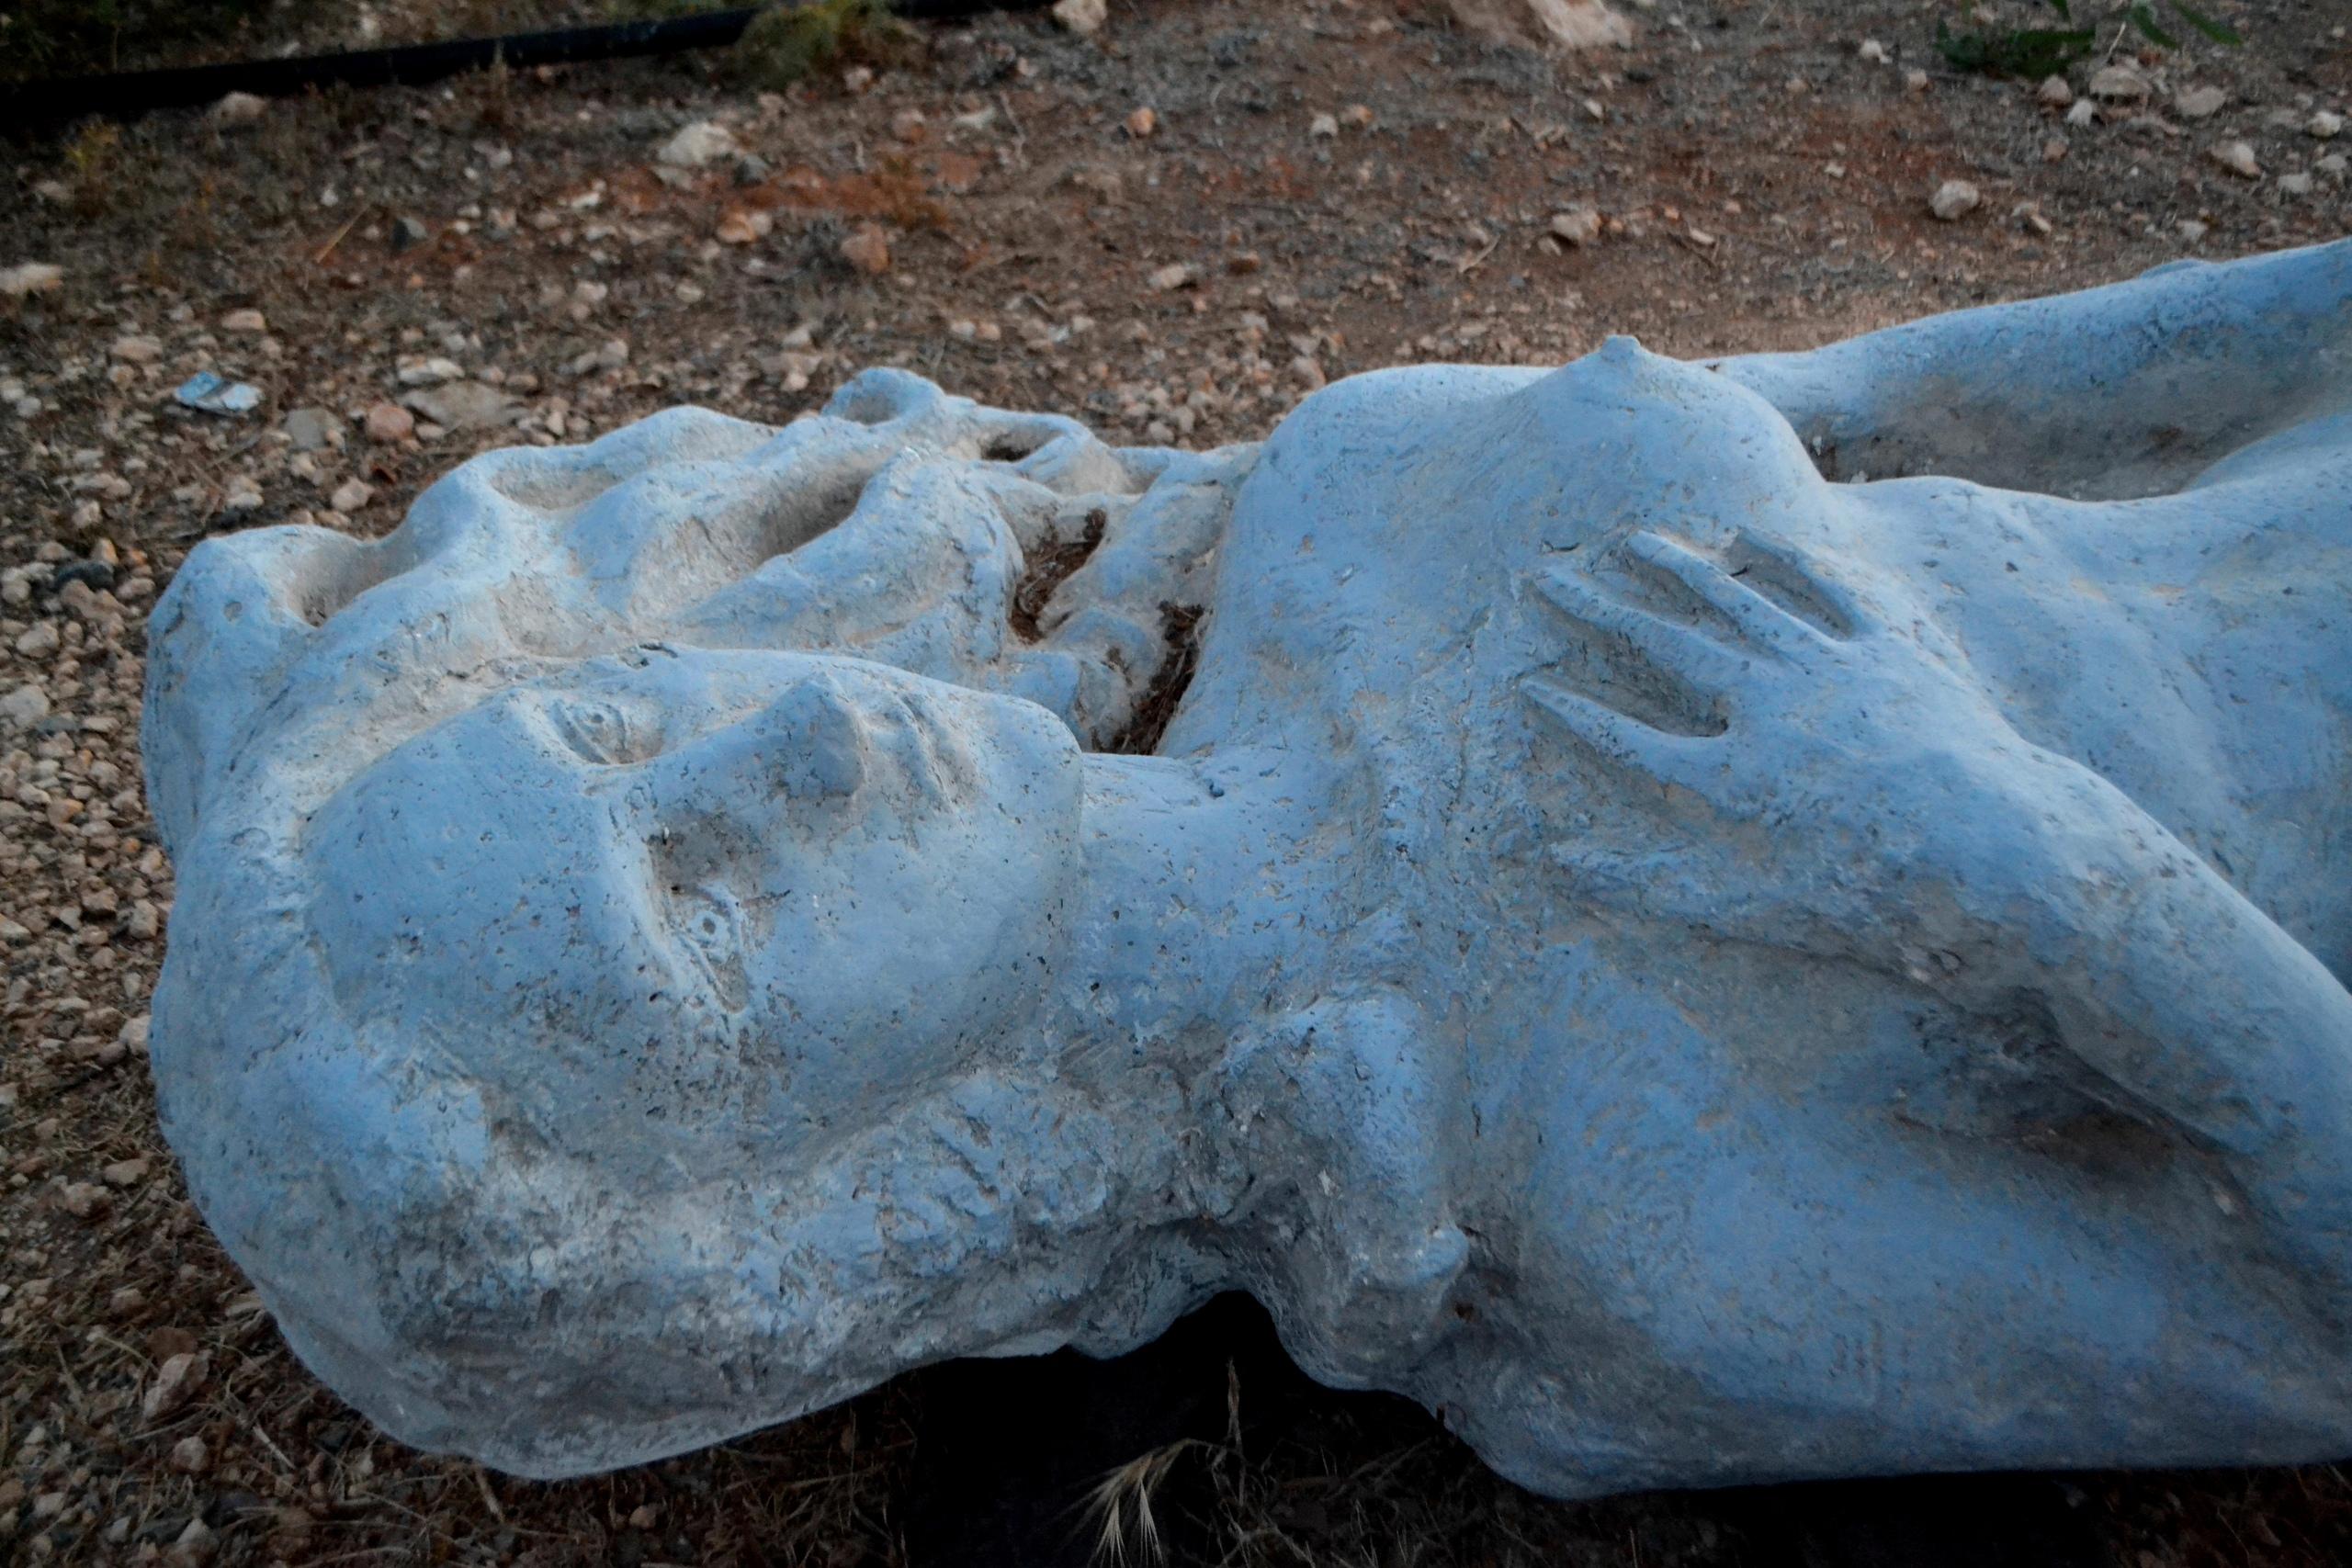 Елена Руденко (Валтея). Кипр. Парк скульптур (фото). - Страница 2 Ikd_ND69ncQ